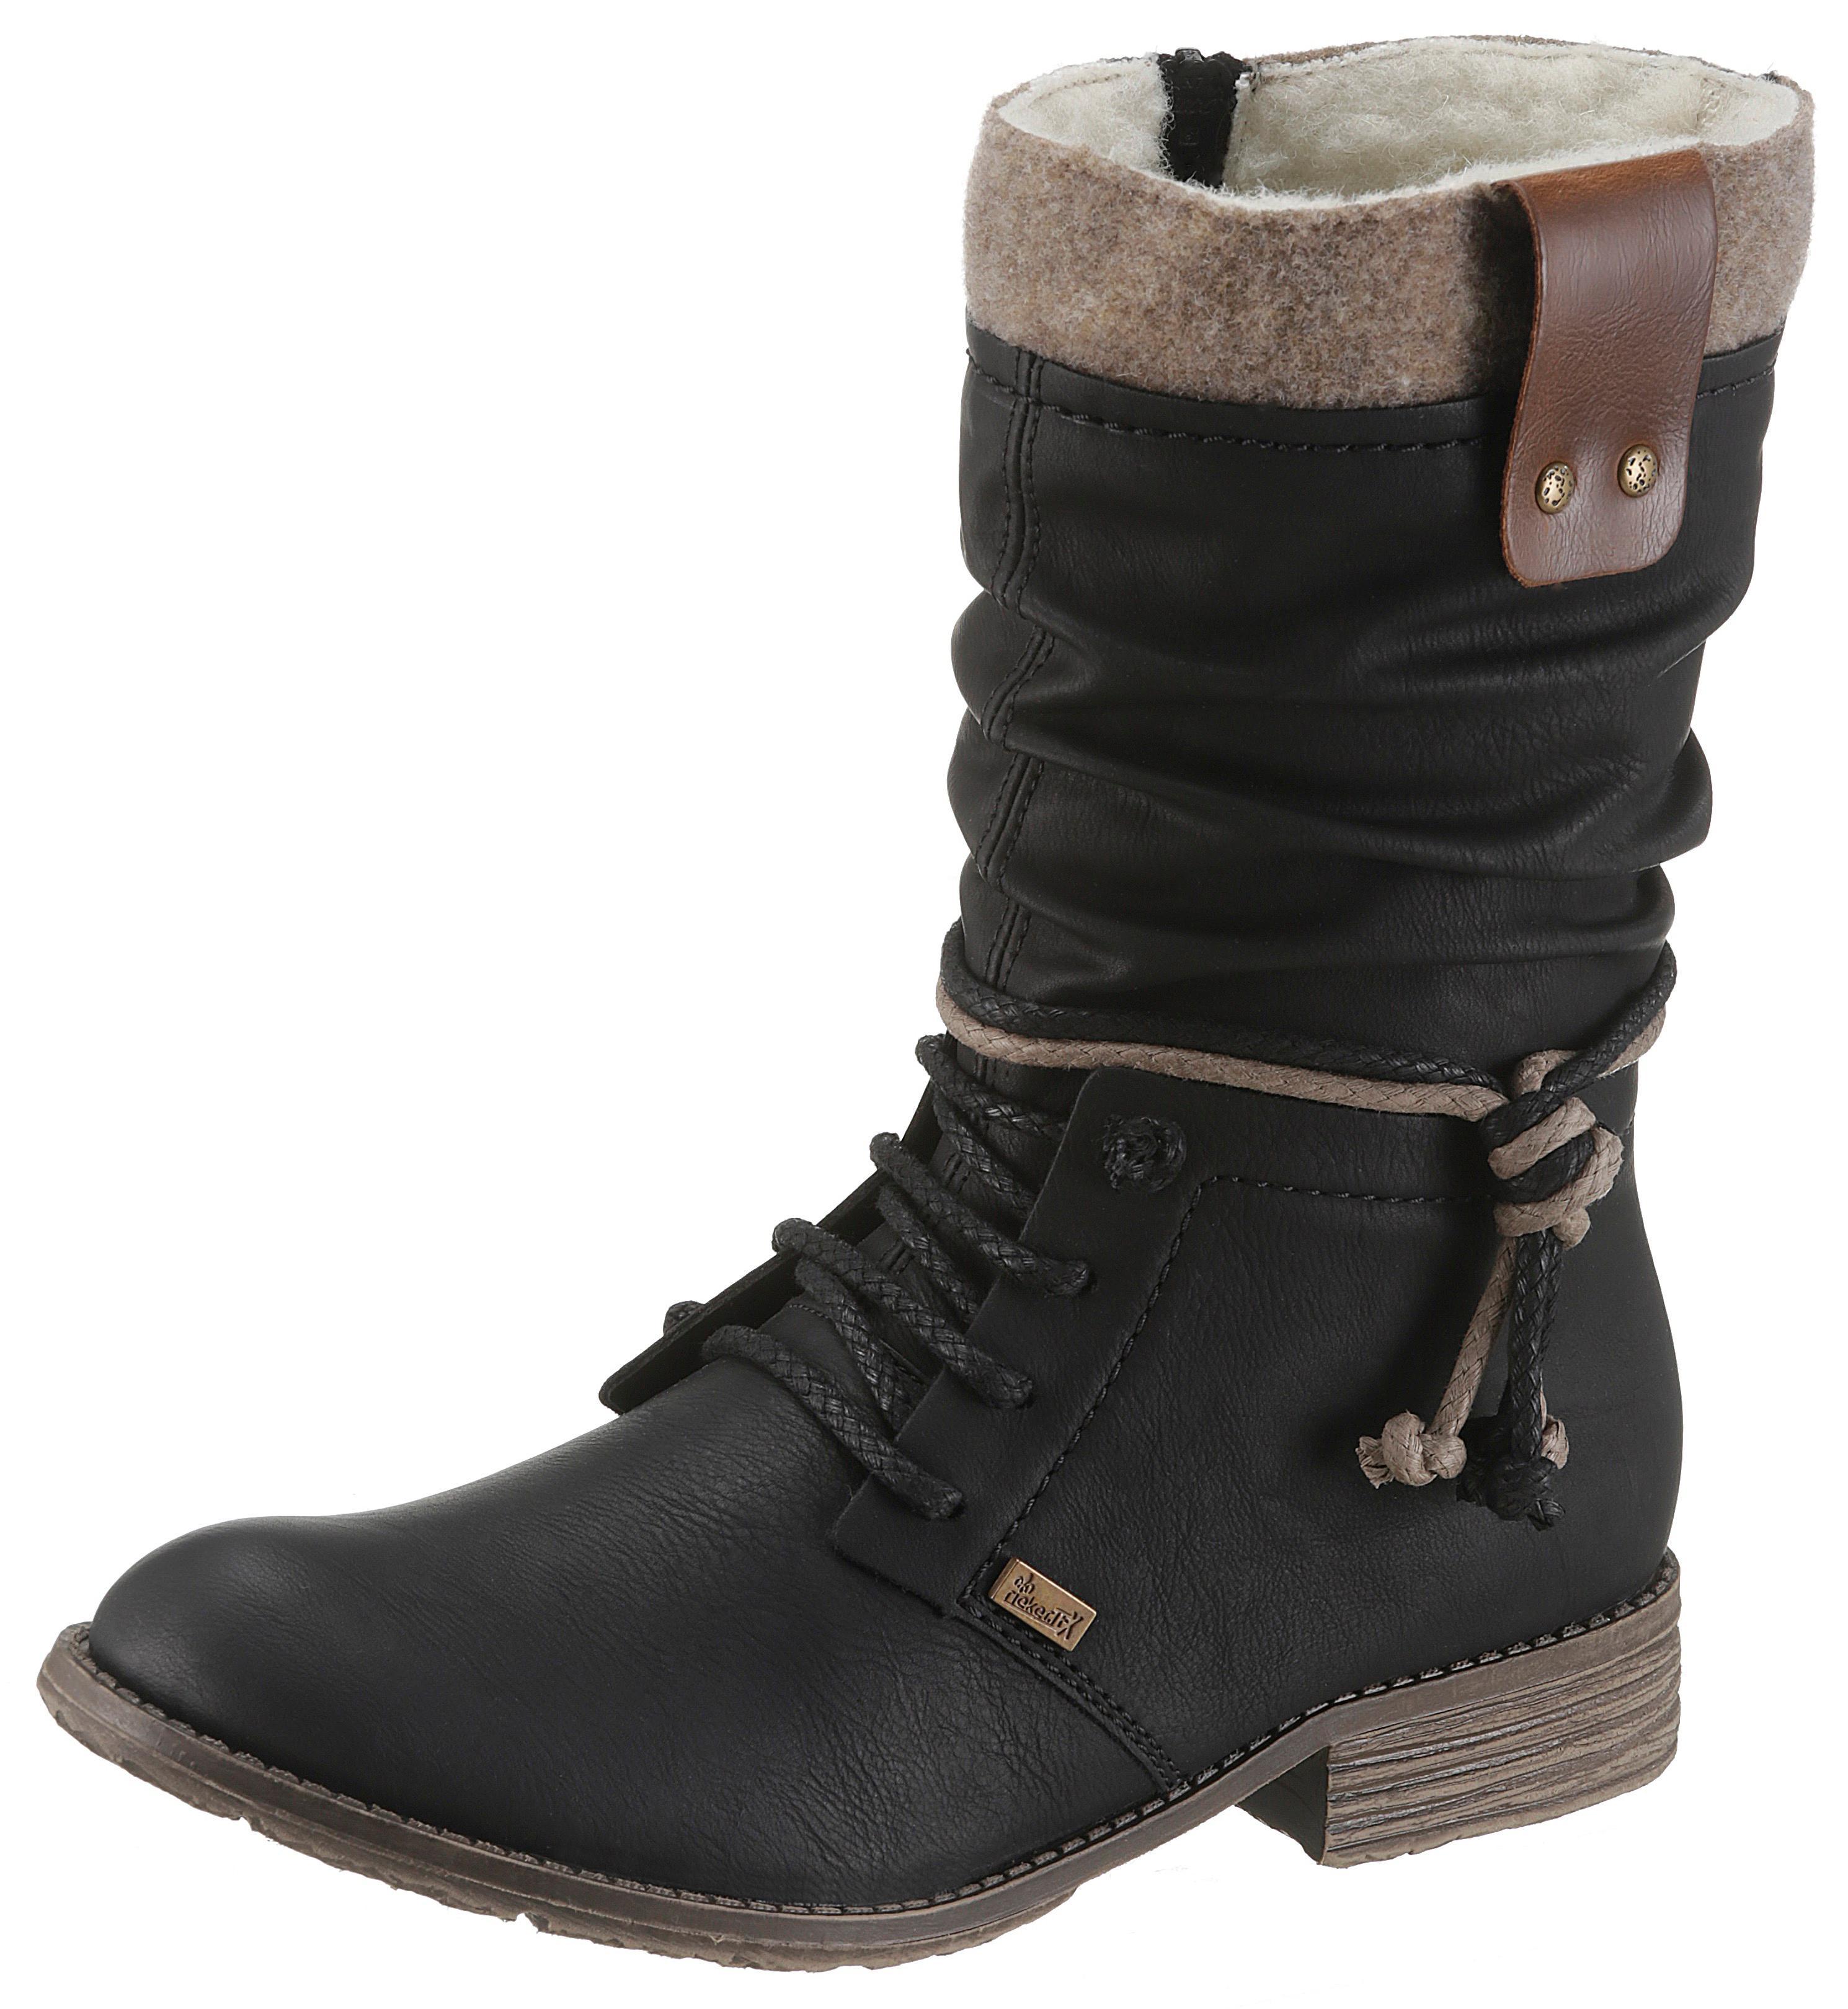 Rieker Winterstiefel   Schuhe > Stiefel > Winterstiefel   Rieker